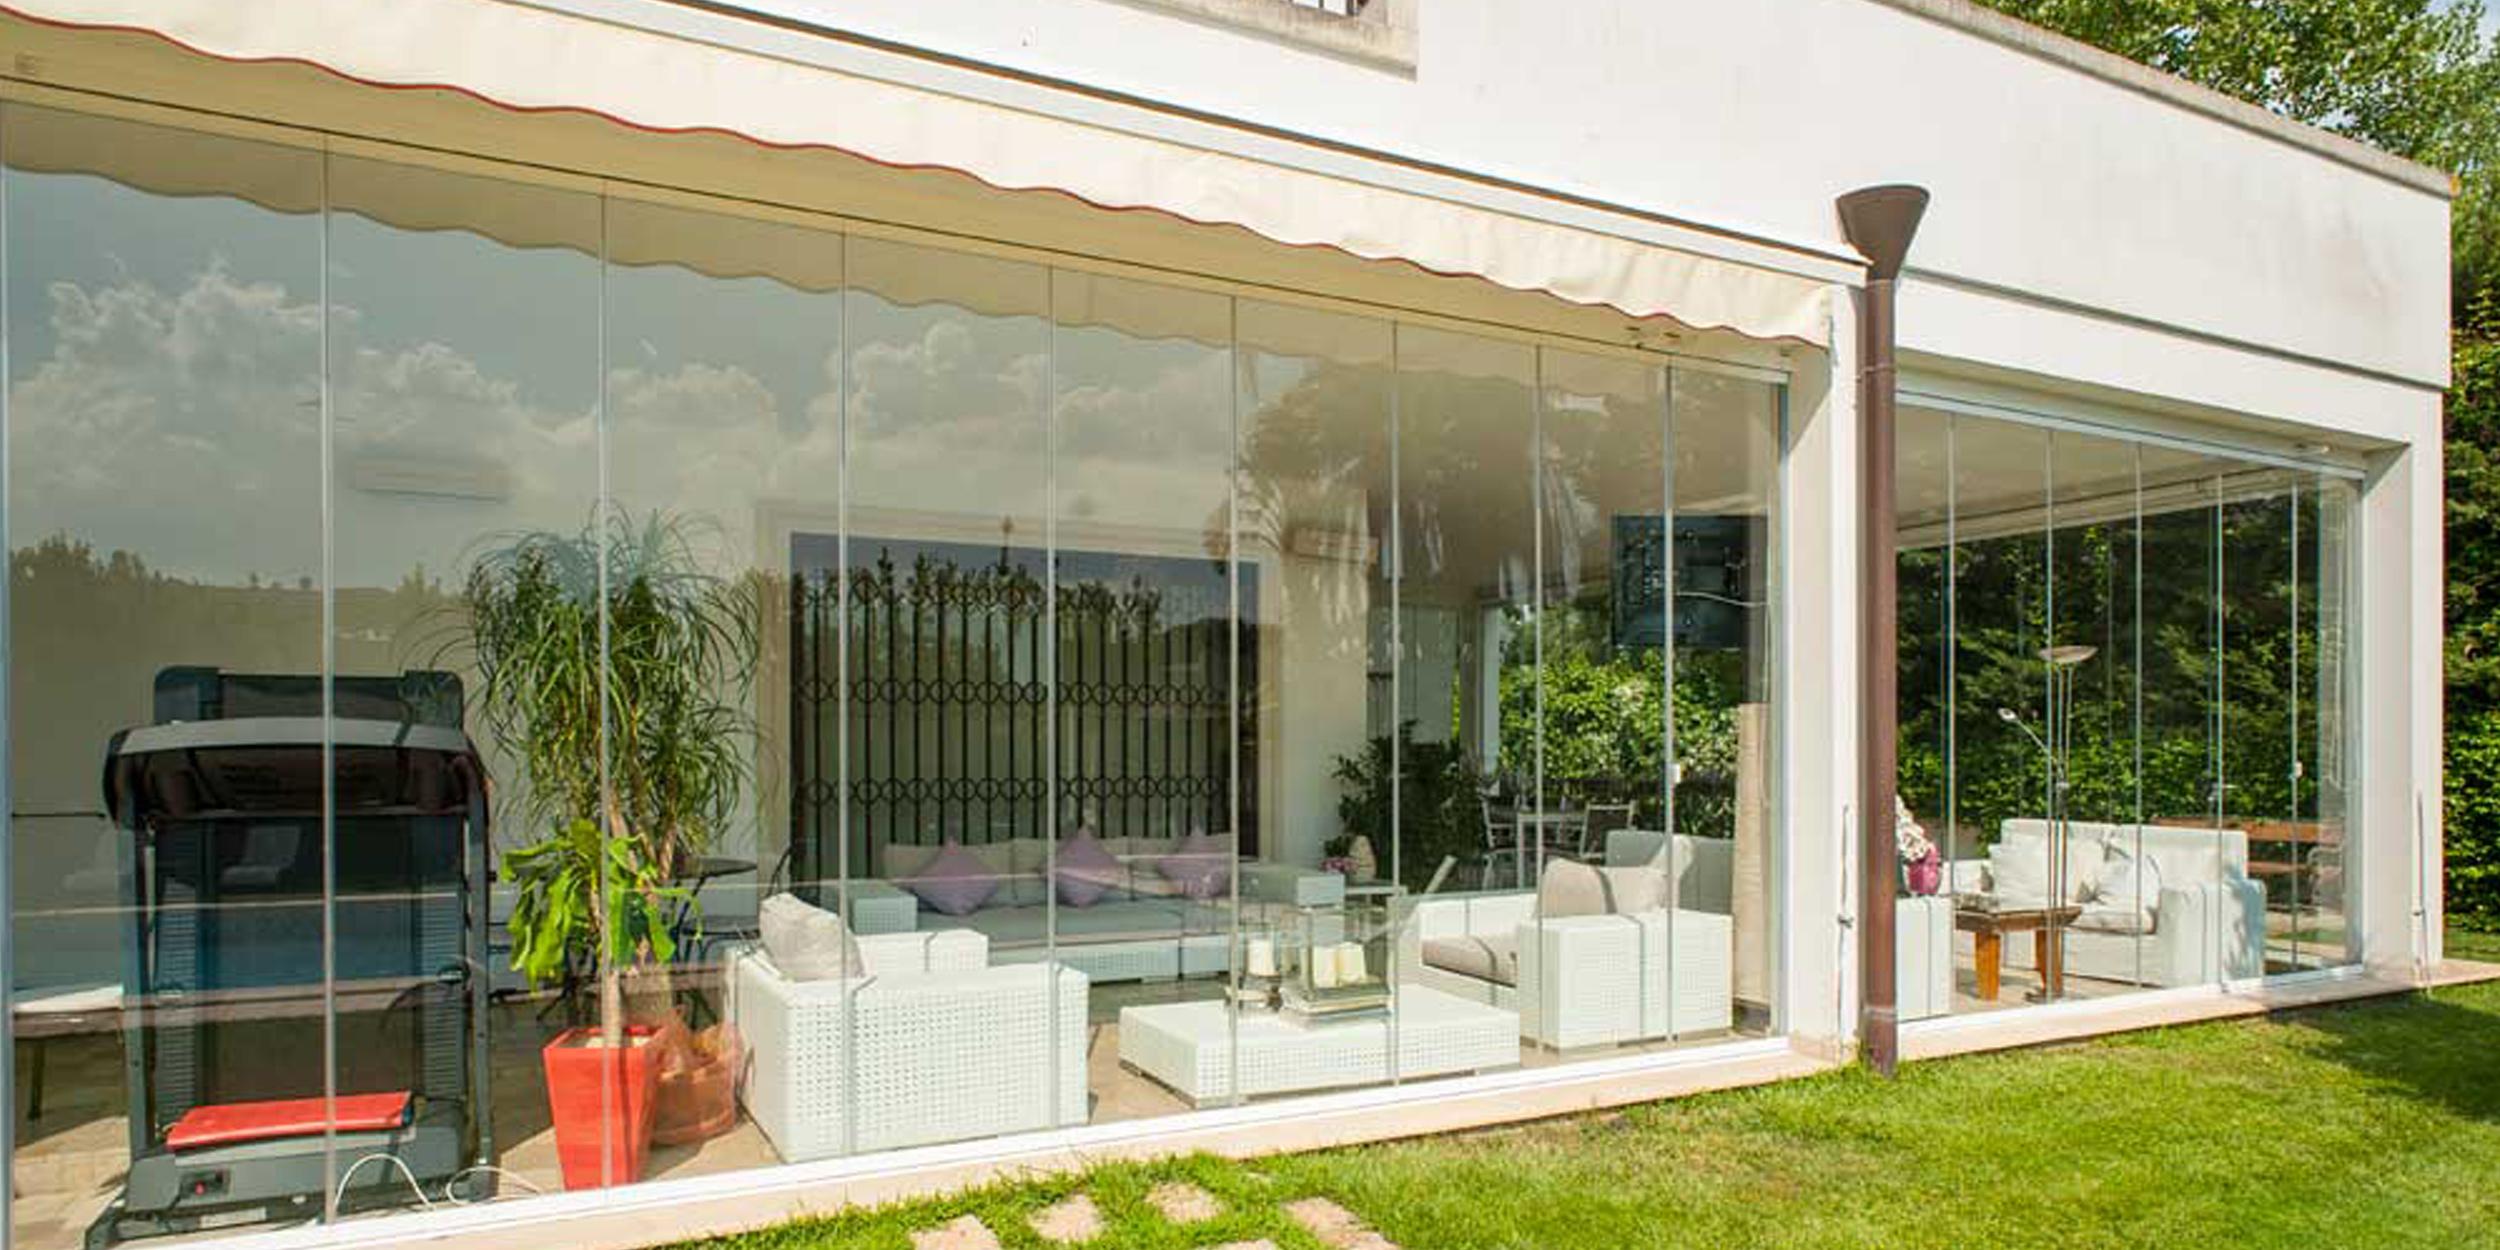 Terrazze Chiuse Con Vetrate vetrata panoramica a pacchetto - vetrata panoramica tutto